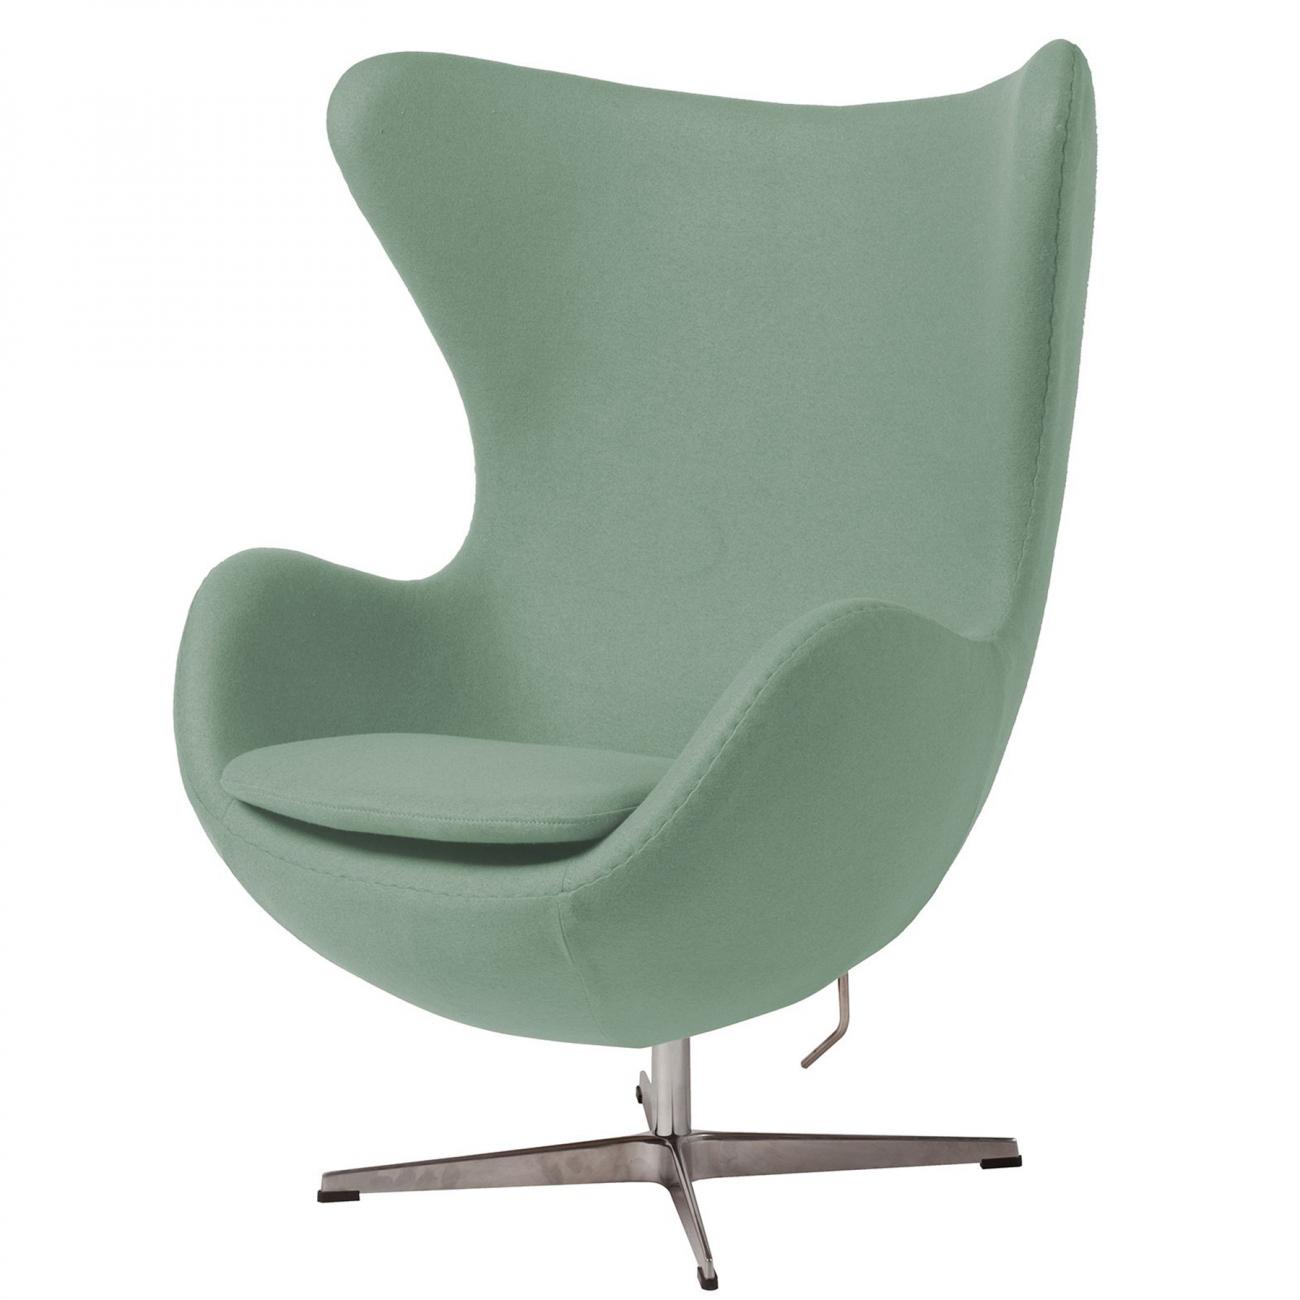 Купить Кресло Egg Chair цвета Тиффани 100% Шерсть в интернет магазине дизайнерской мебели и аксессуаров для дома и дачи